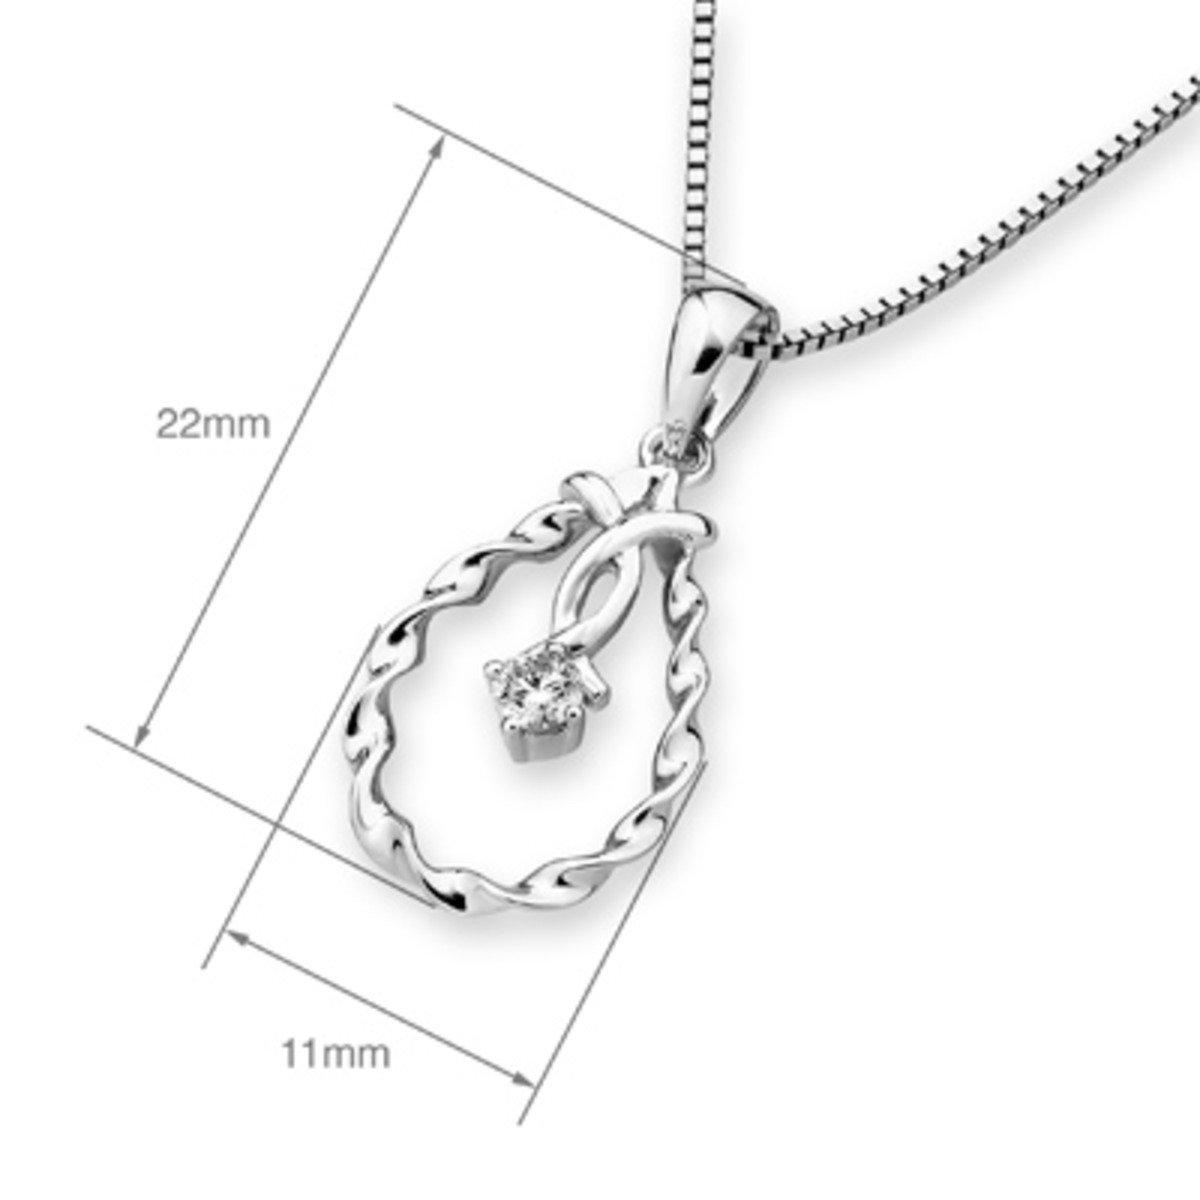 18K/750 白色黃金鑽石水滴形吊墜 (此吊墜不包括項鍊)